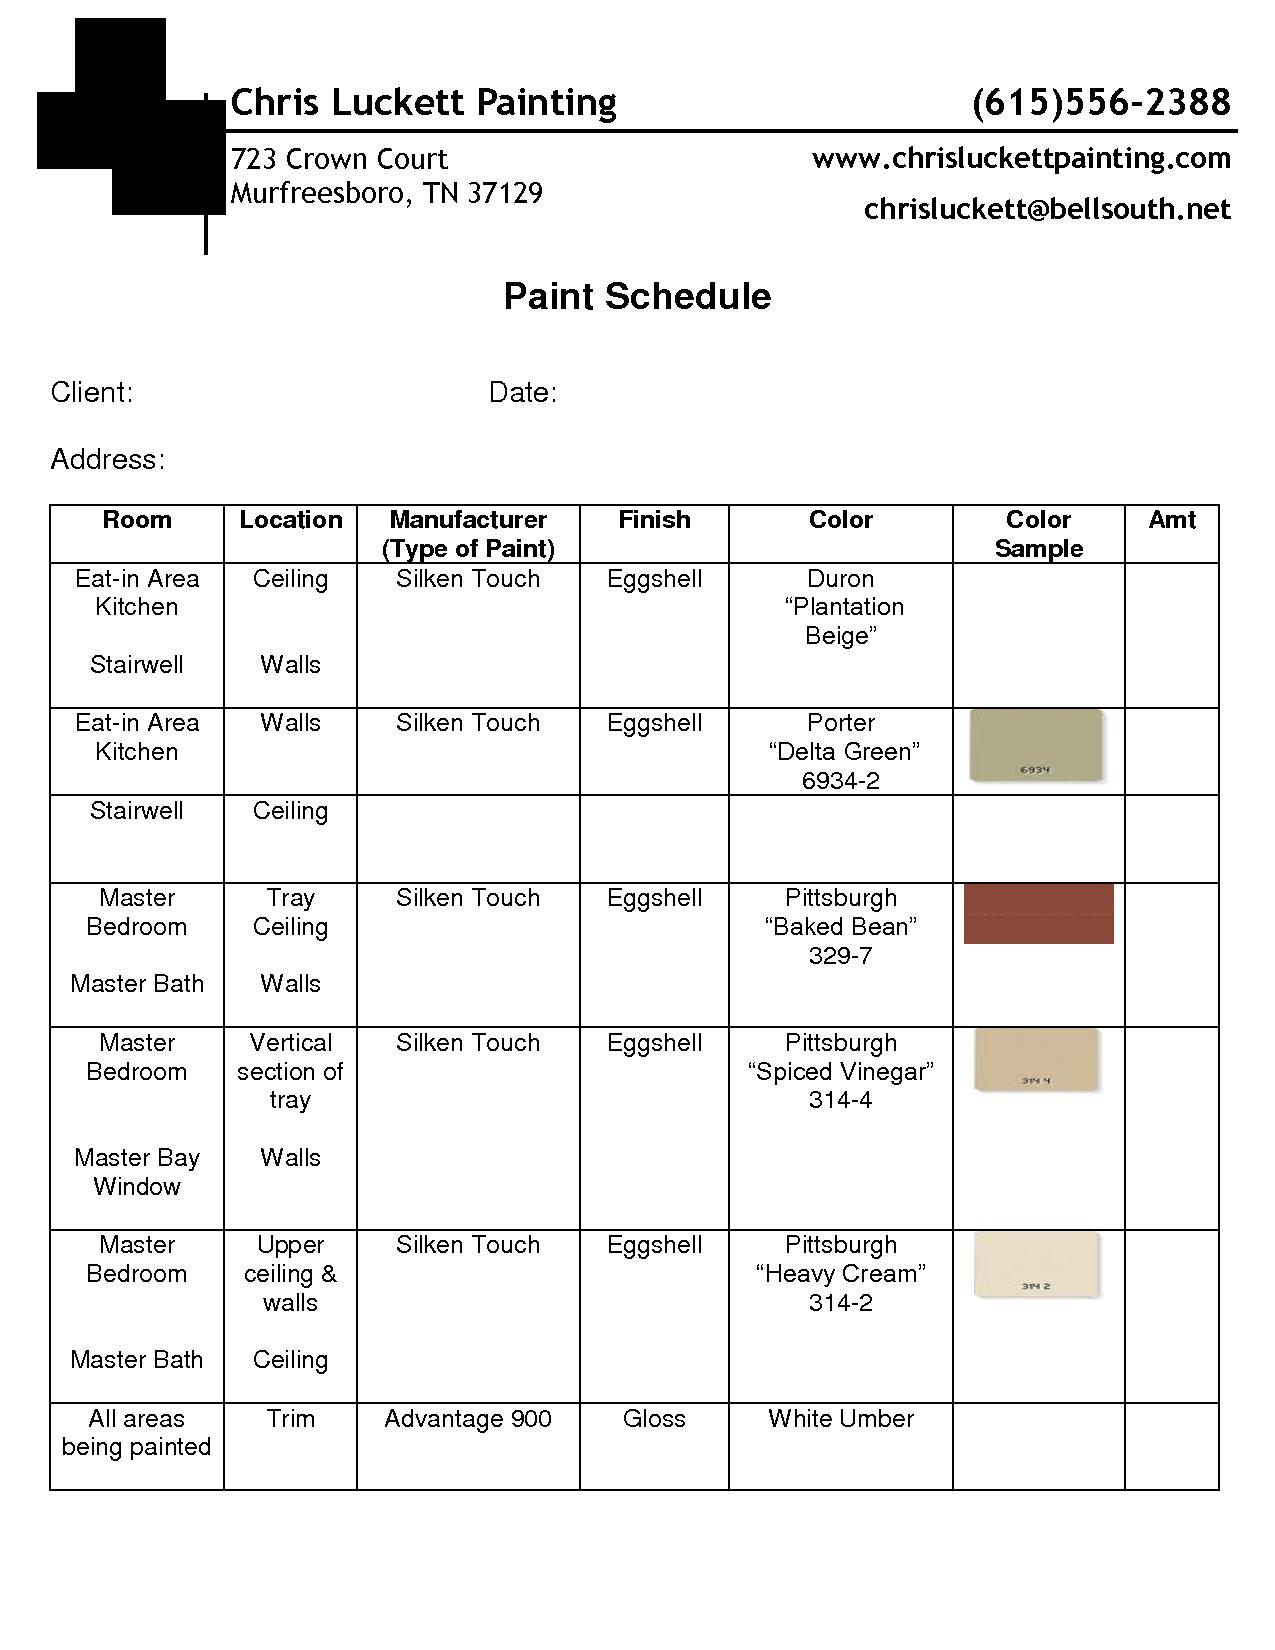 Paint Schedule Example Interior Design Paint Design Clients